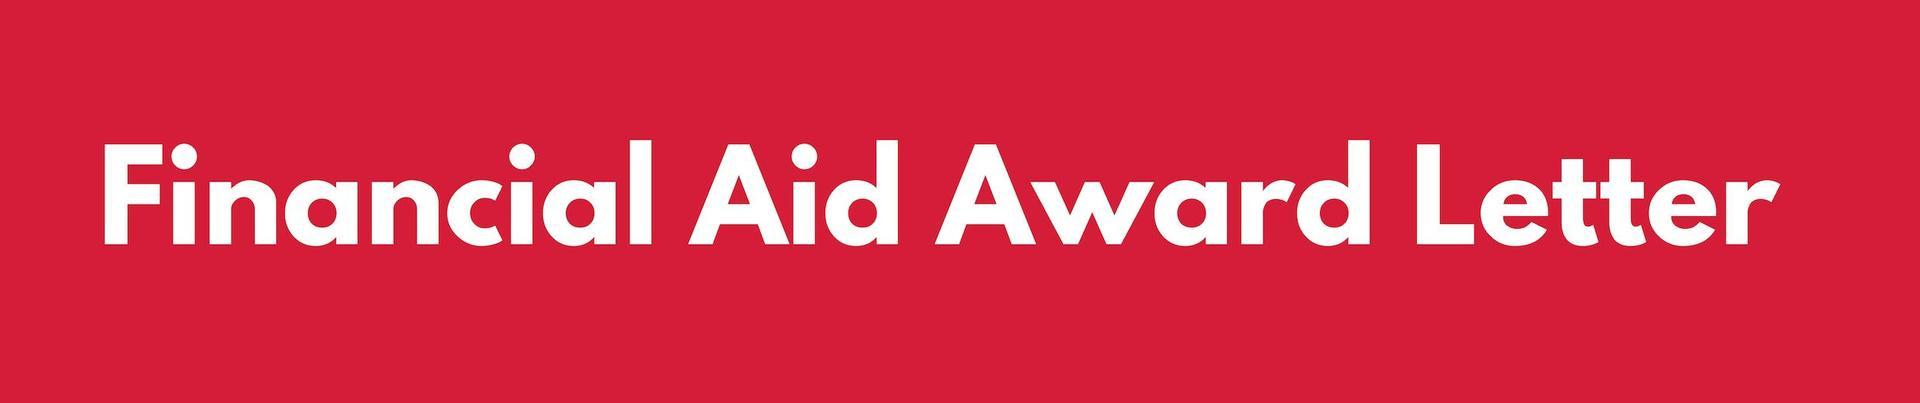 Financial Aid Award Header